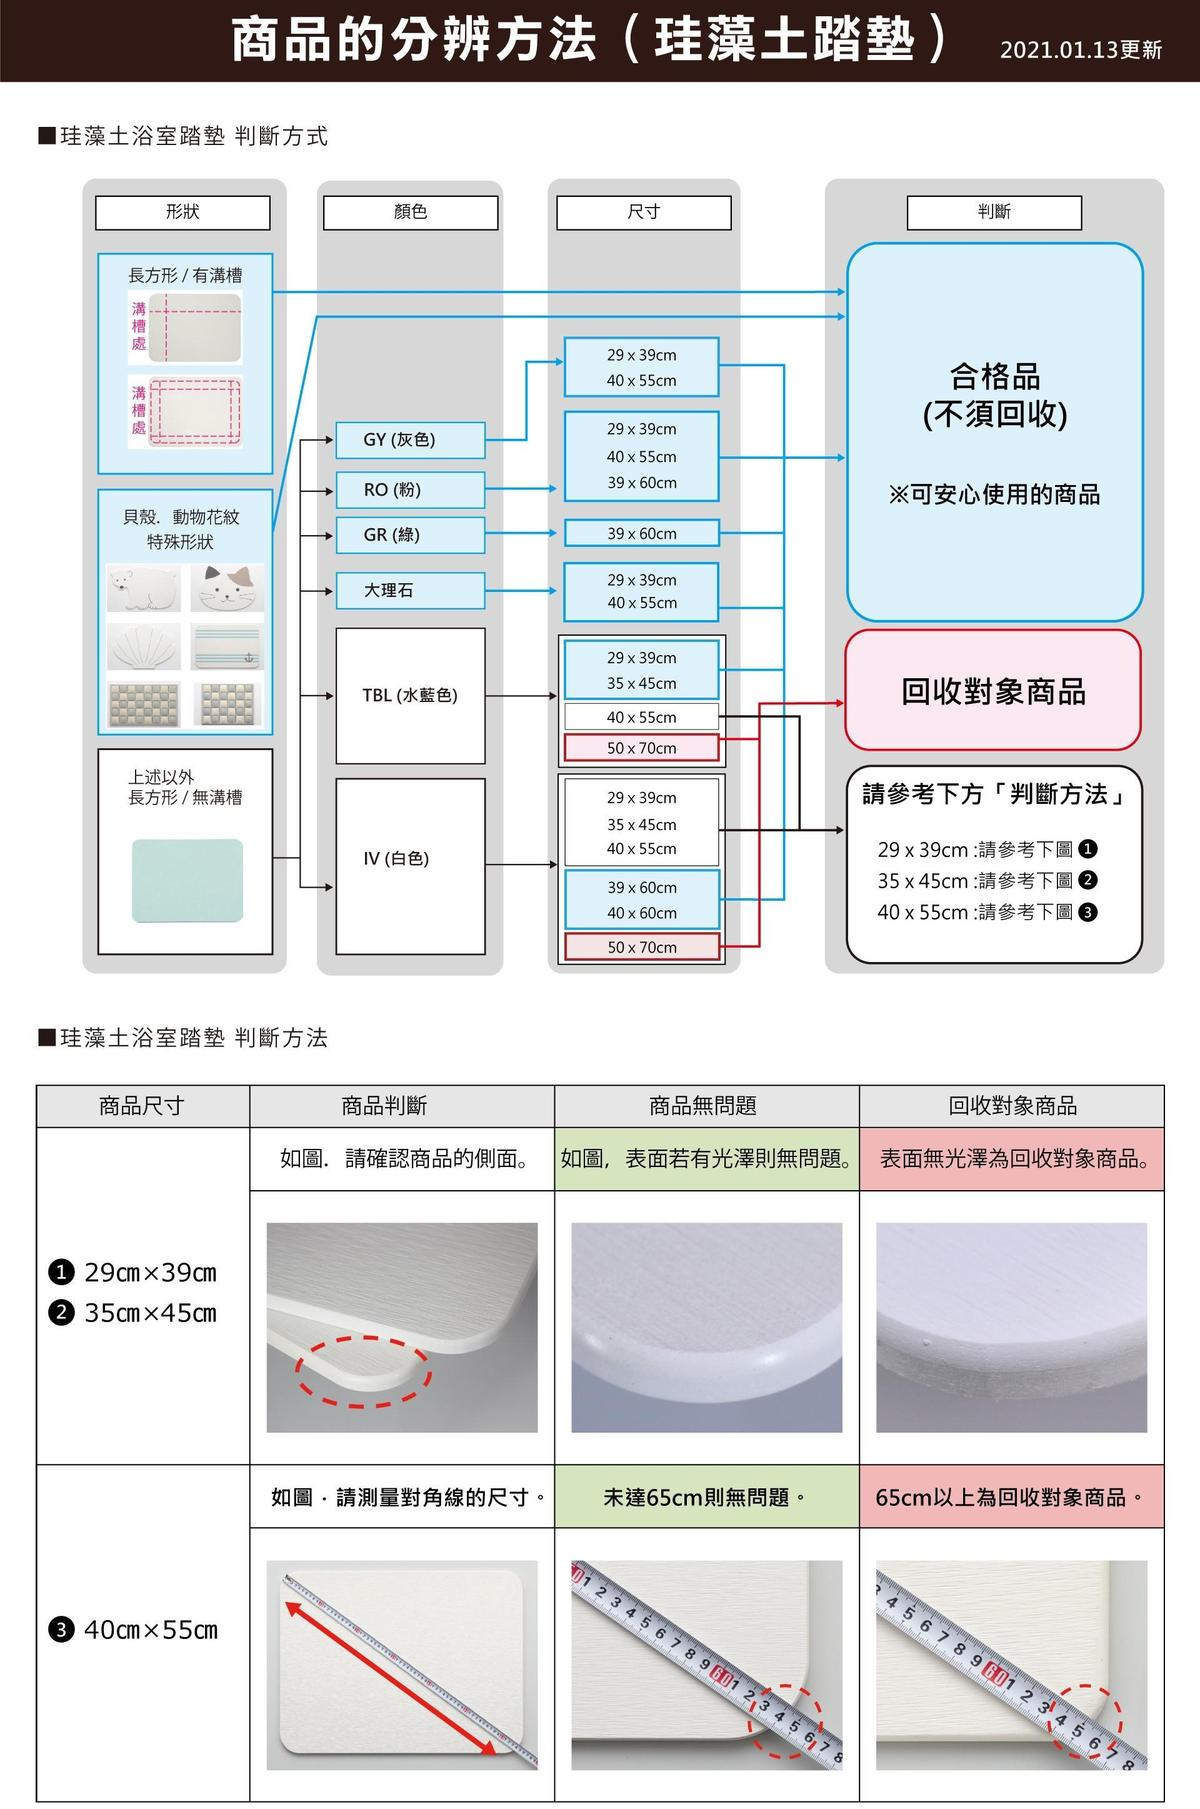 浴室踏墊回收商品分辨方法。(翻攝自宜得利官網)